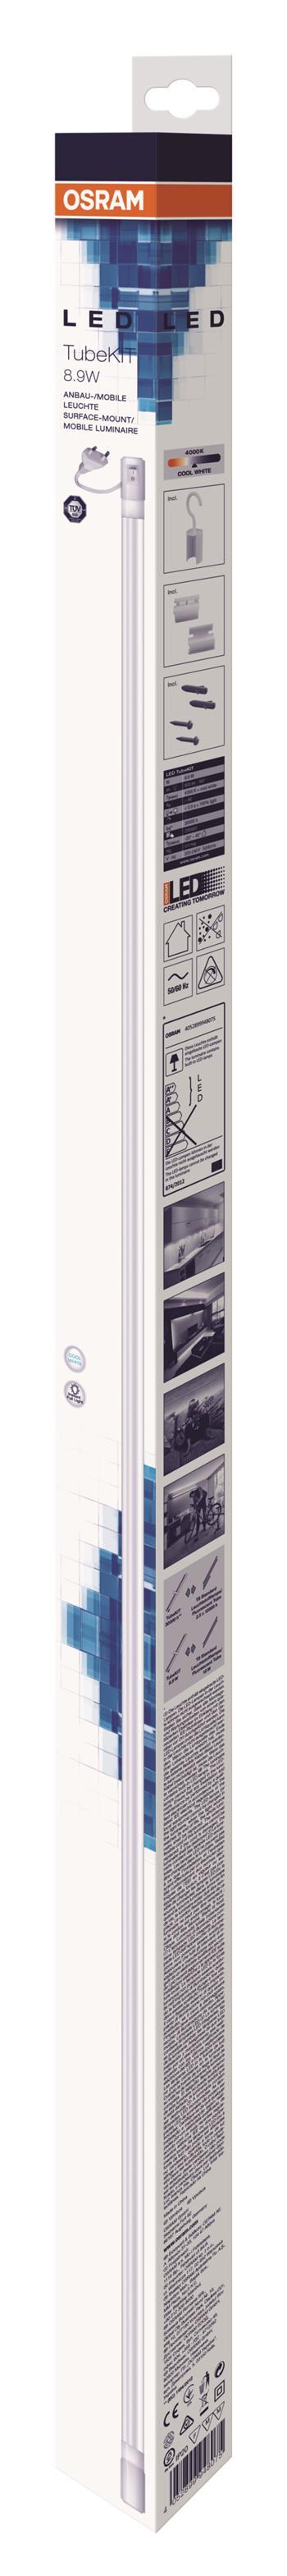 OSRAM LED svítidlo TUBEKITLED06 8,9W/840 G5